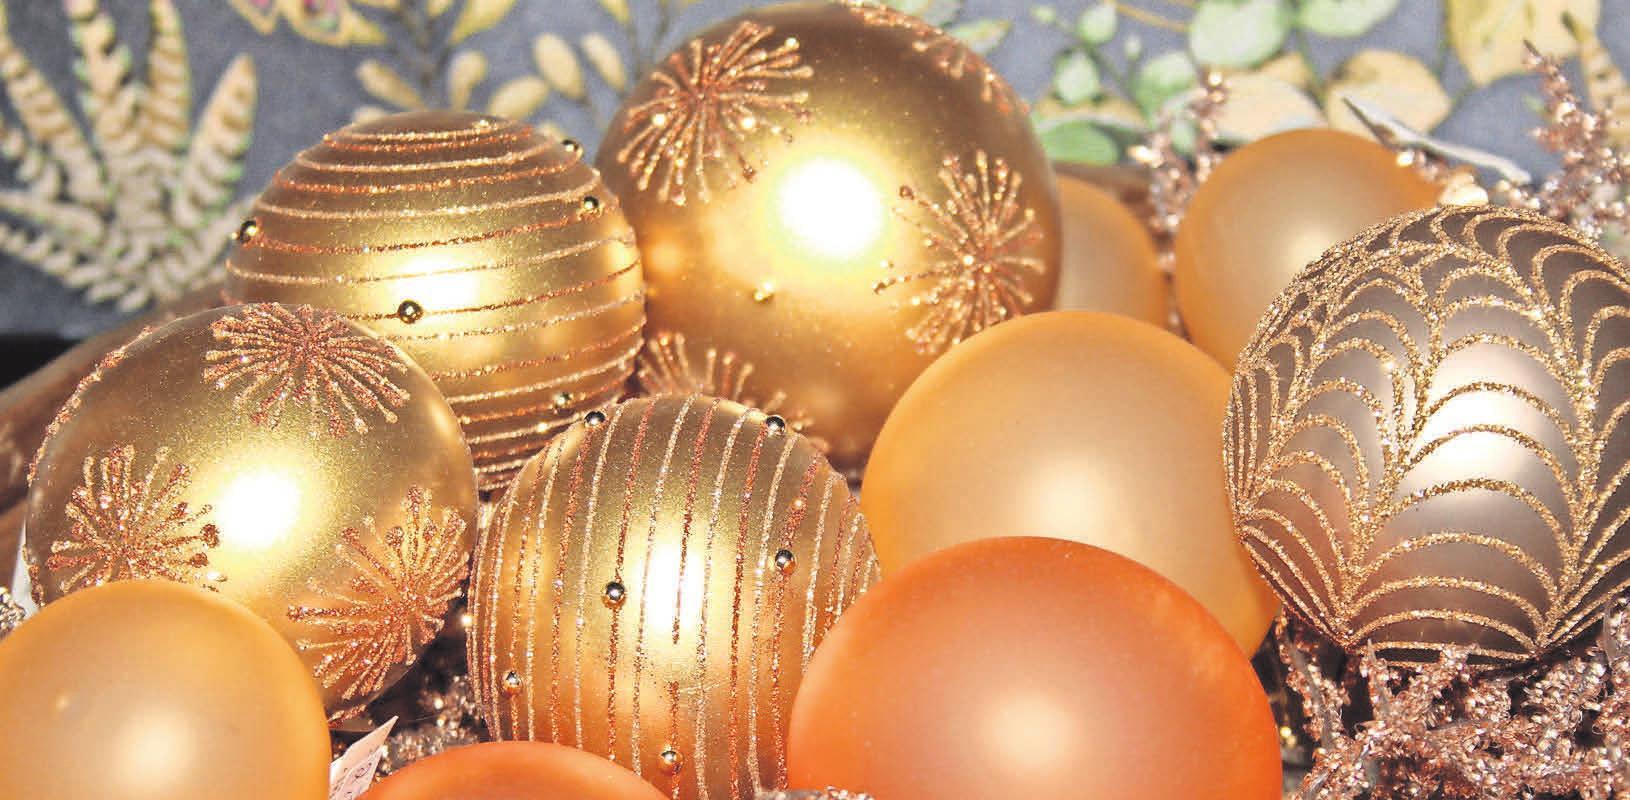 Das wirkt edel: In sanftem Gold, Altsilber und Apricot schimmern diese Baumkugeln – gesehen bei Principessa, Geschenkartikel & Wohnaccessoires.